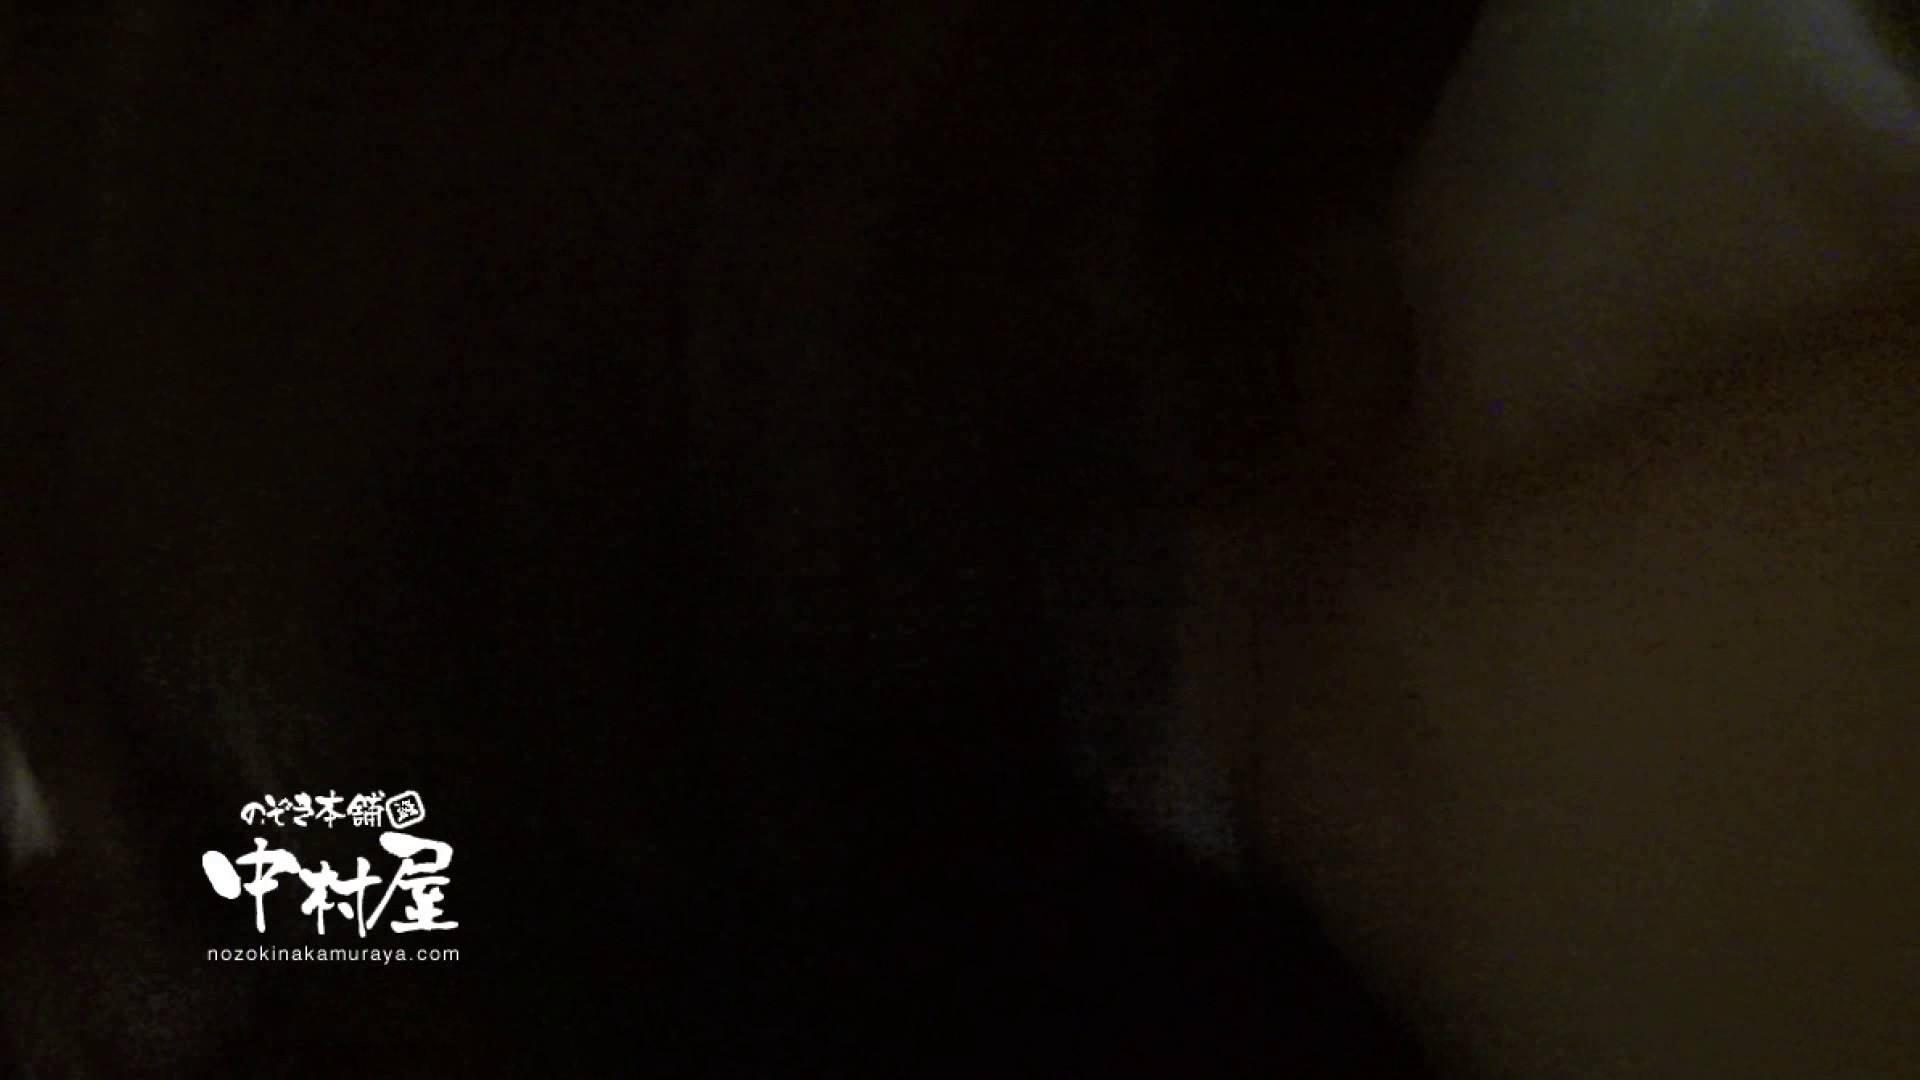 鬼畜 vol.08 極悪!妊娠覚悟の中出し! 後編 エッチなセックス われめAV動画紹介 66画像 43